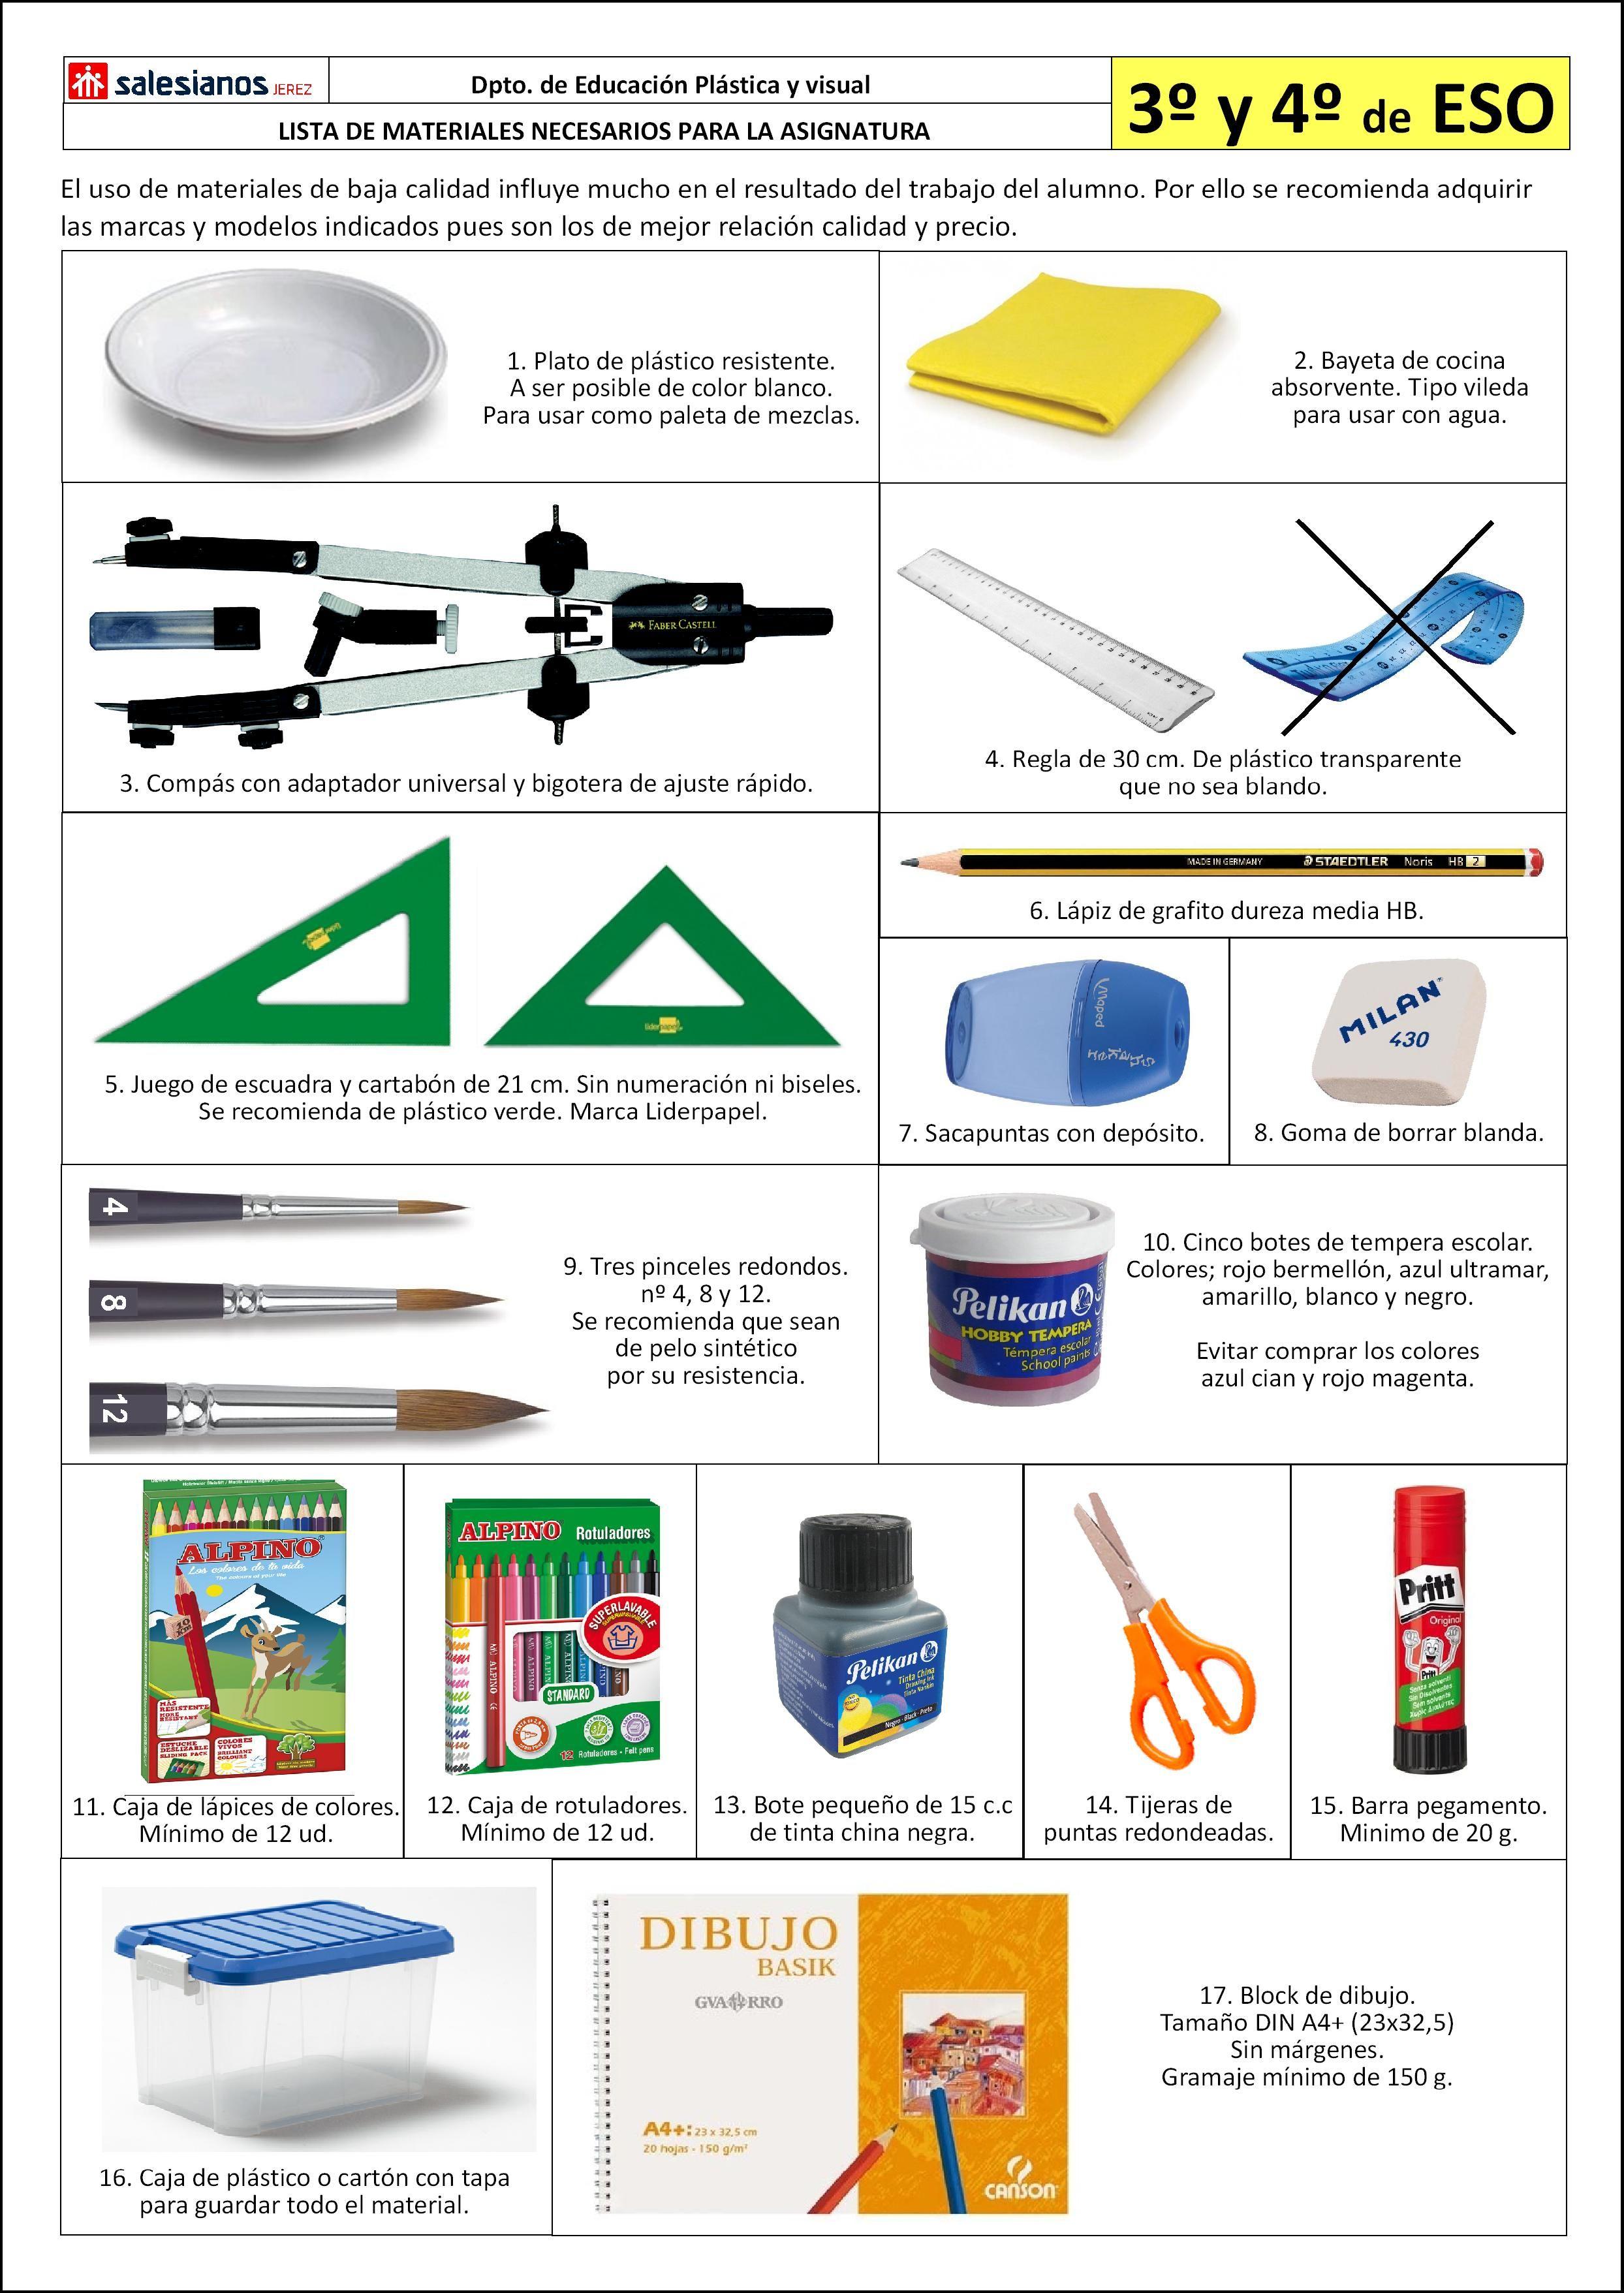 Lista Materiales Necesarios Asignatura Educacion Plastica Y Visual 3º Y 4º Eso Educacion Plastica Y Visual Educacion Plastica Asignaturas